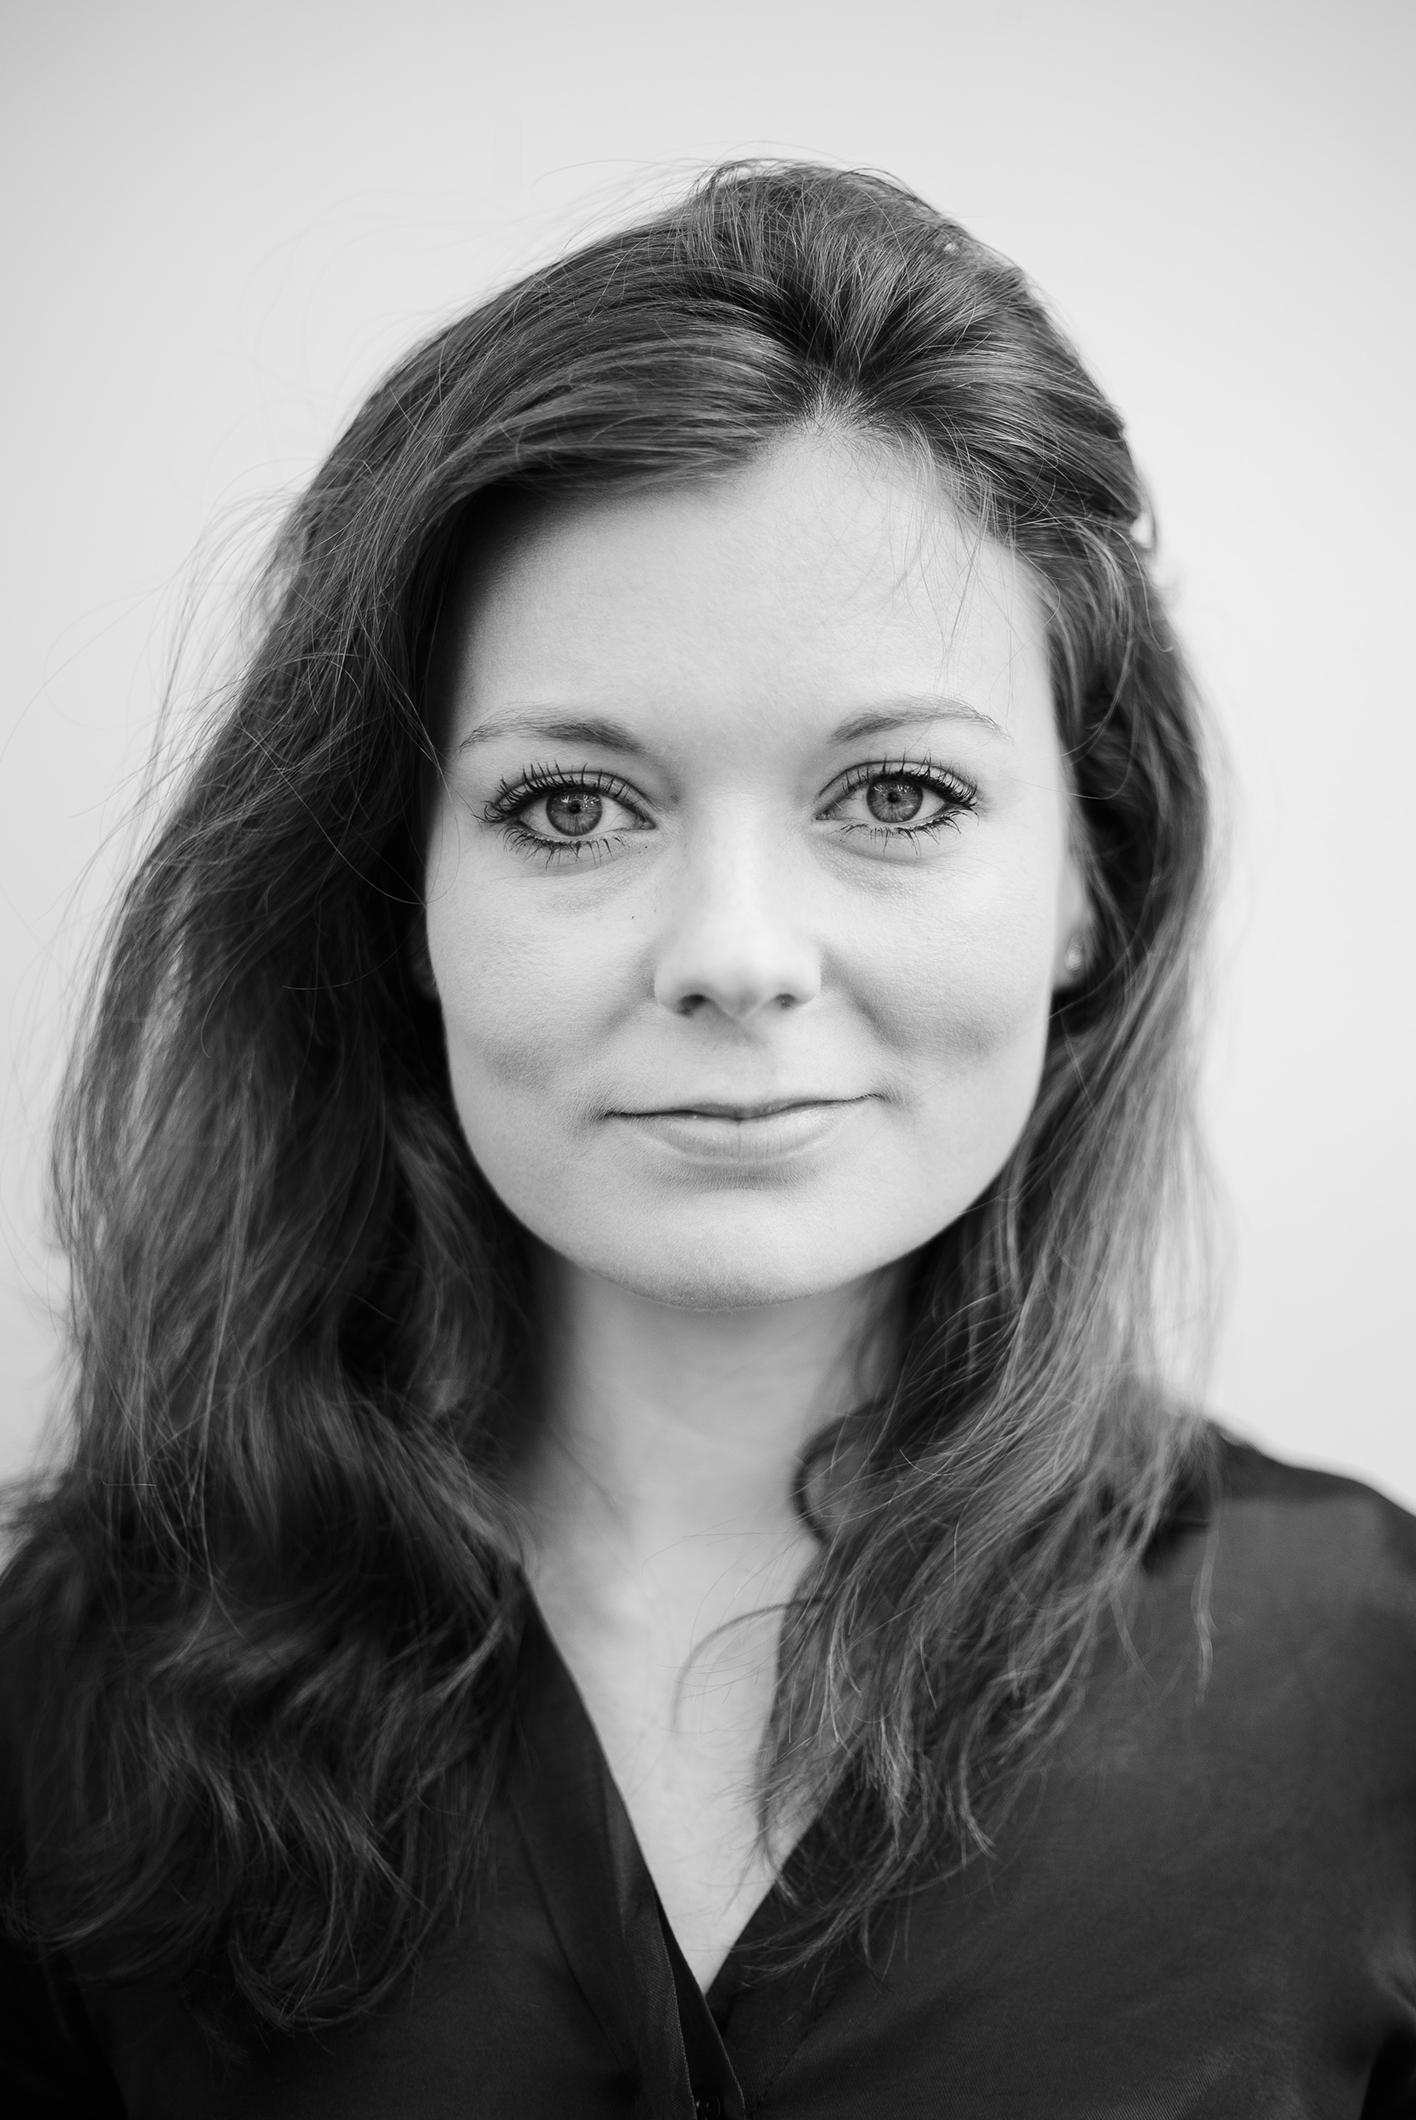 Portret Jennifer Foster, owner Studio JAAF